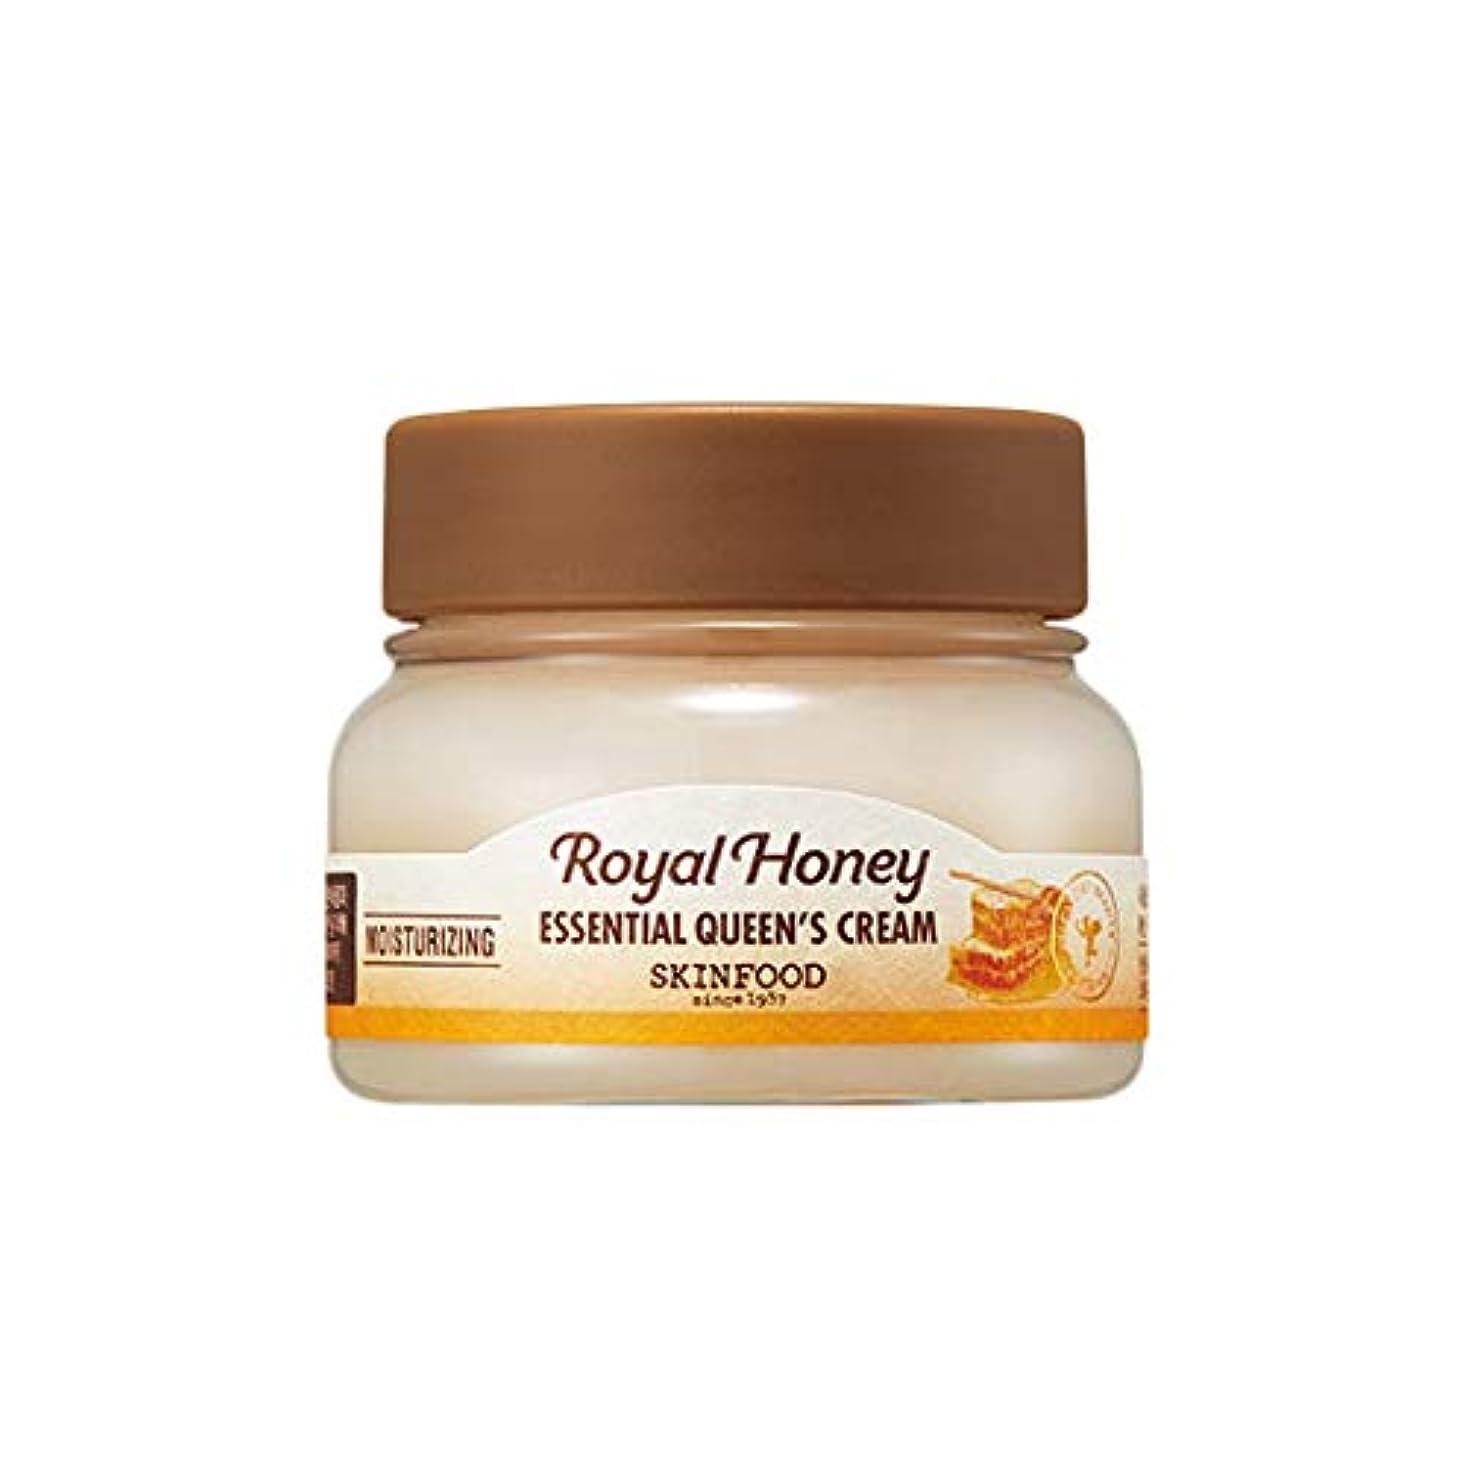 飢えた老人入浴Skinfood ロイヤルハニーエッセンシャルクイーンクリーム/Royal Honey Essential Queen's Cream 62ml [並行輸入品]